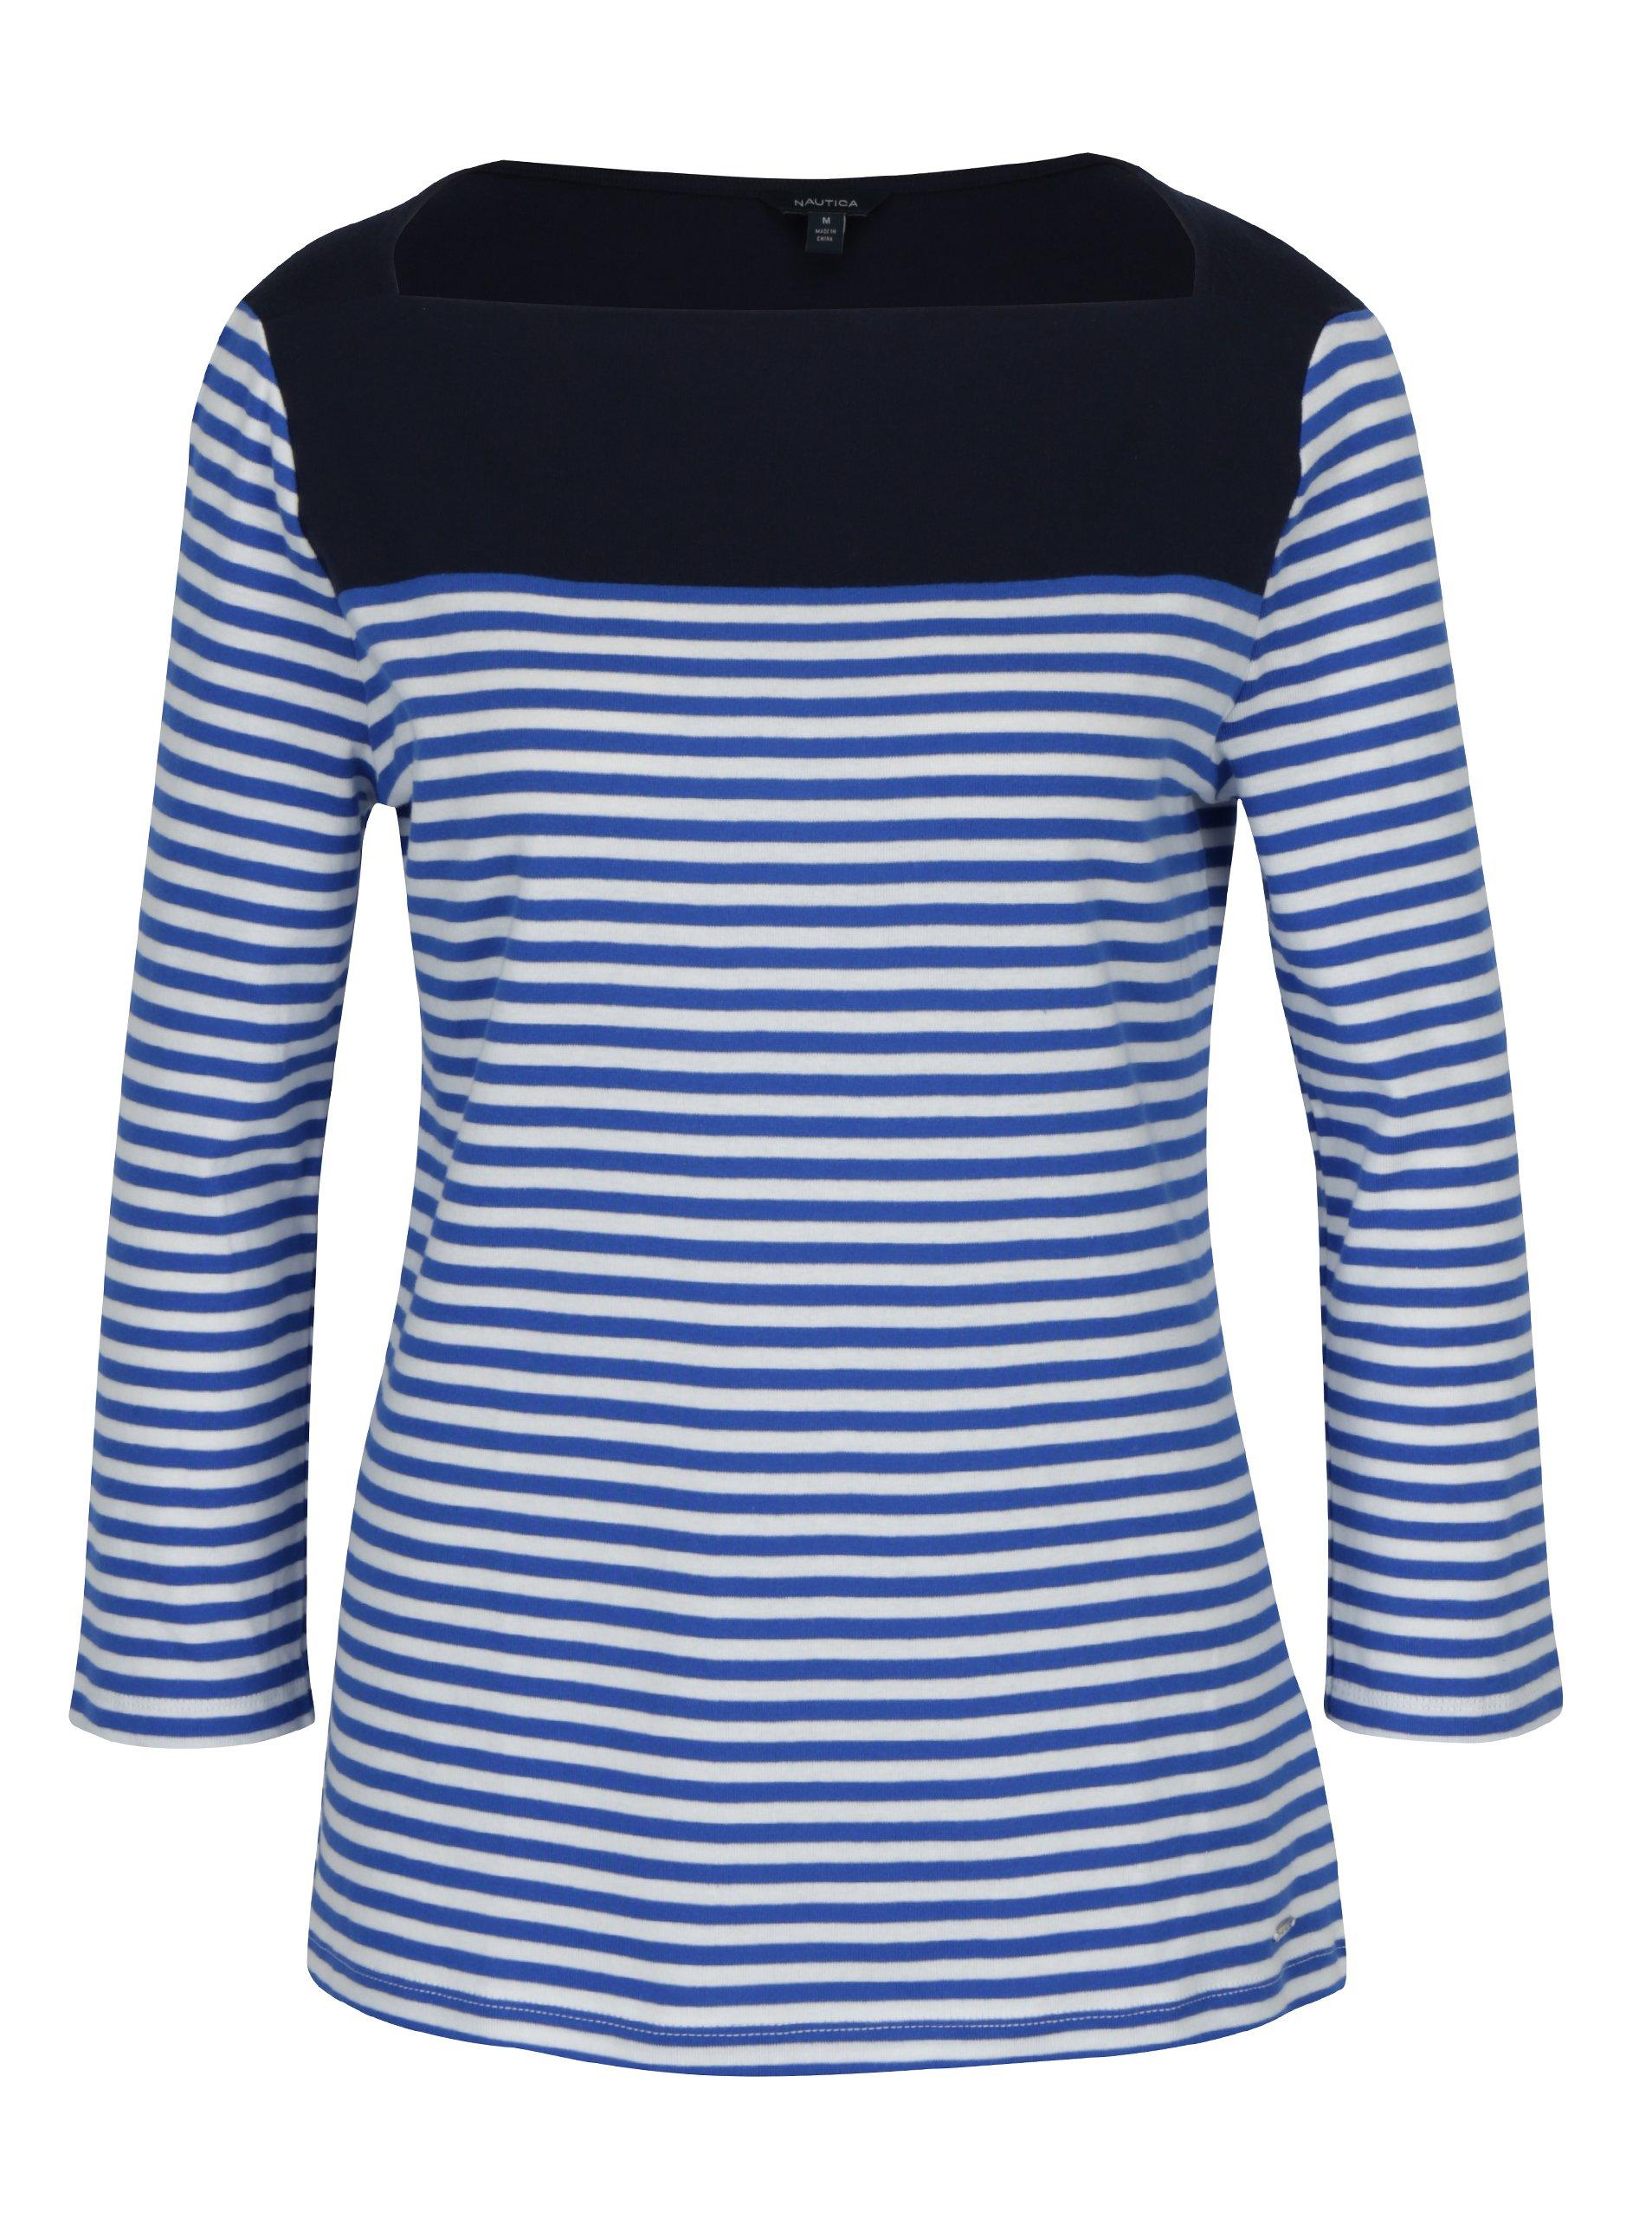 2a03c5489bda Modré pruhované tričko s lodičkovým výstrihom Nautica